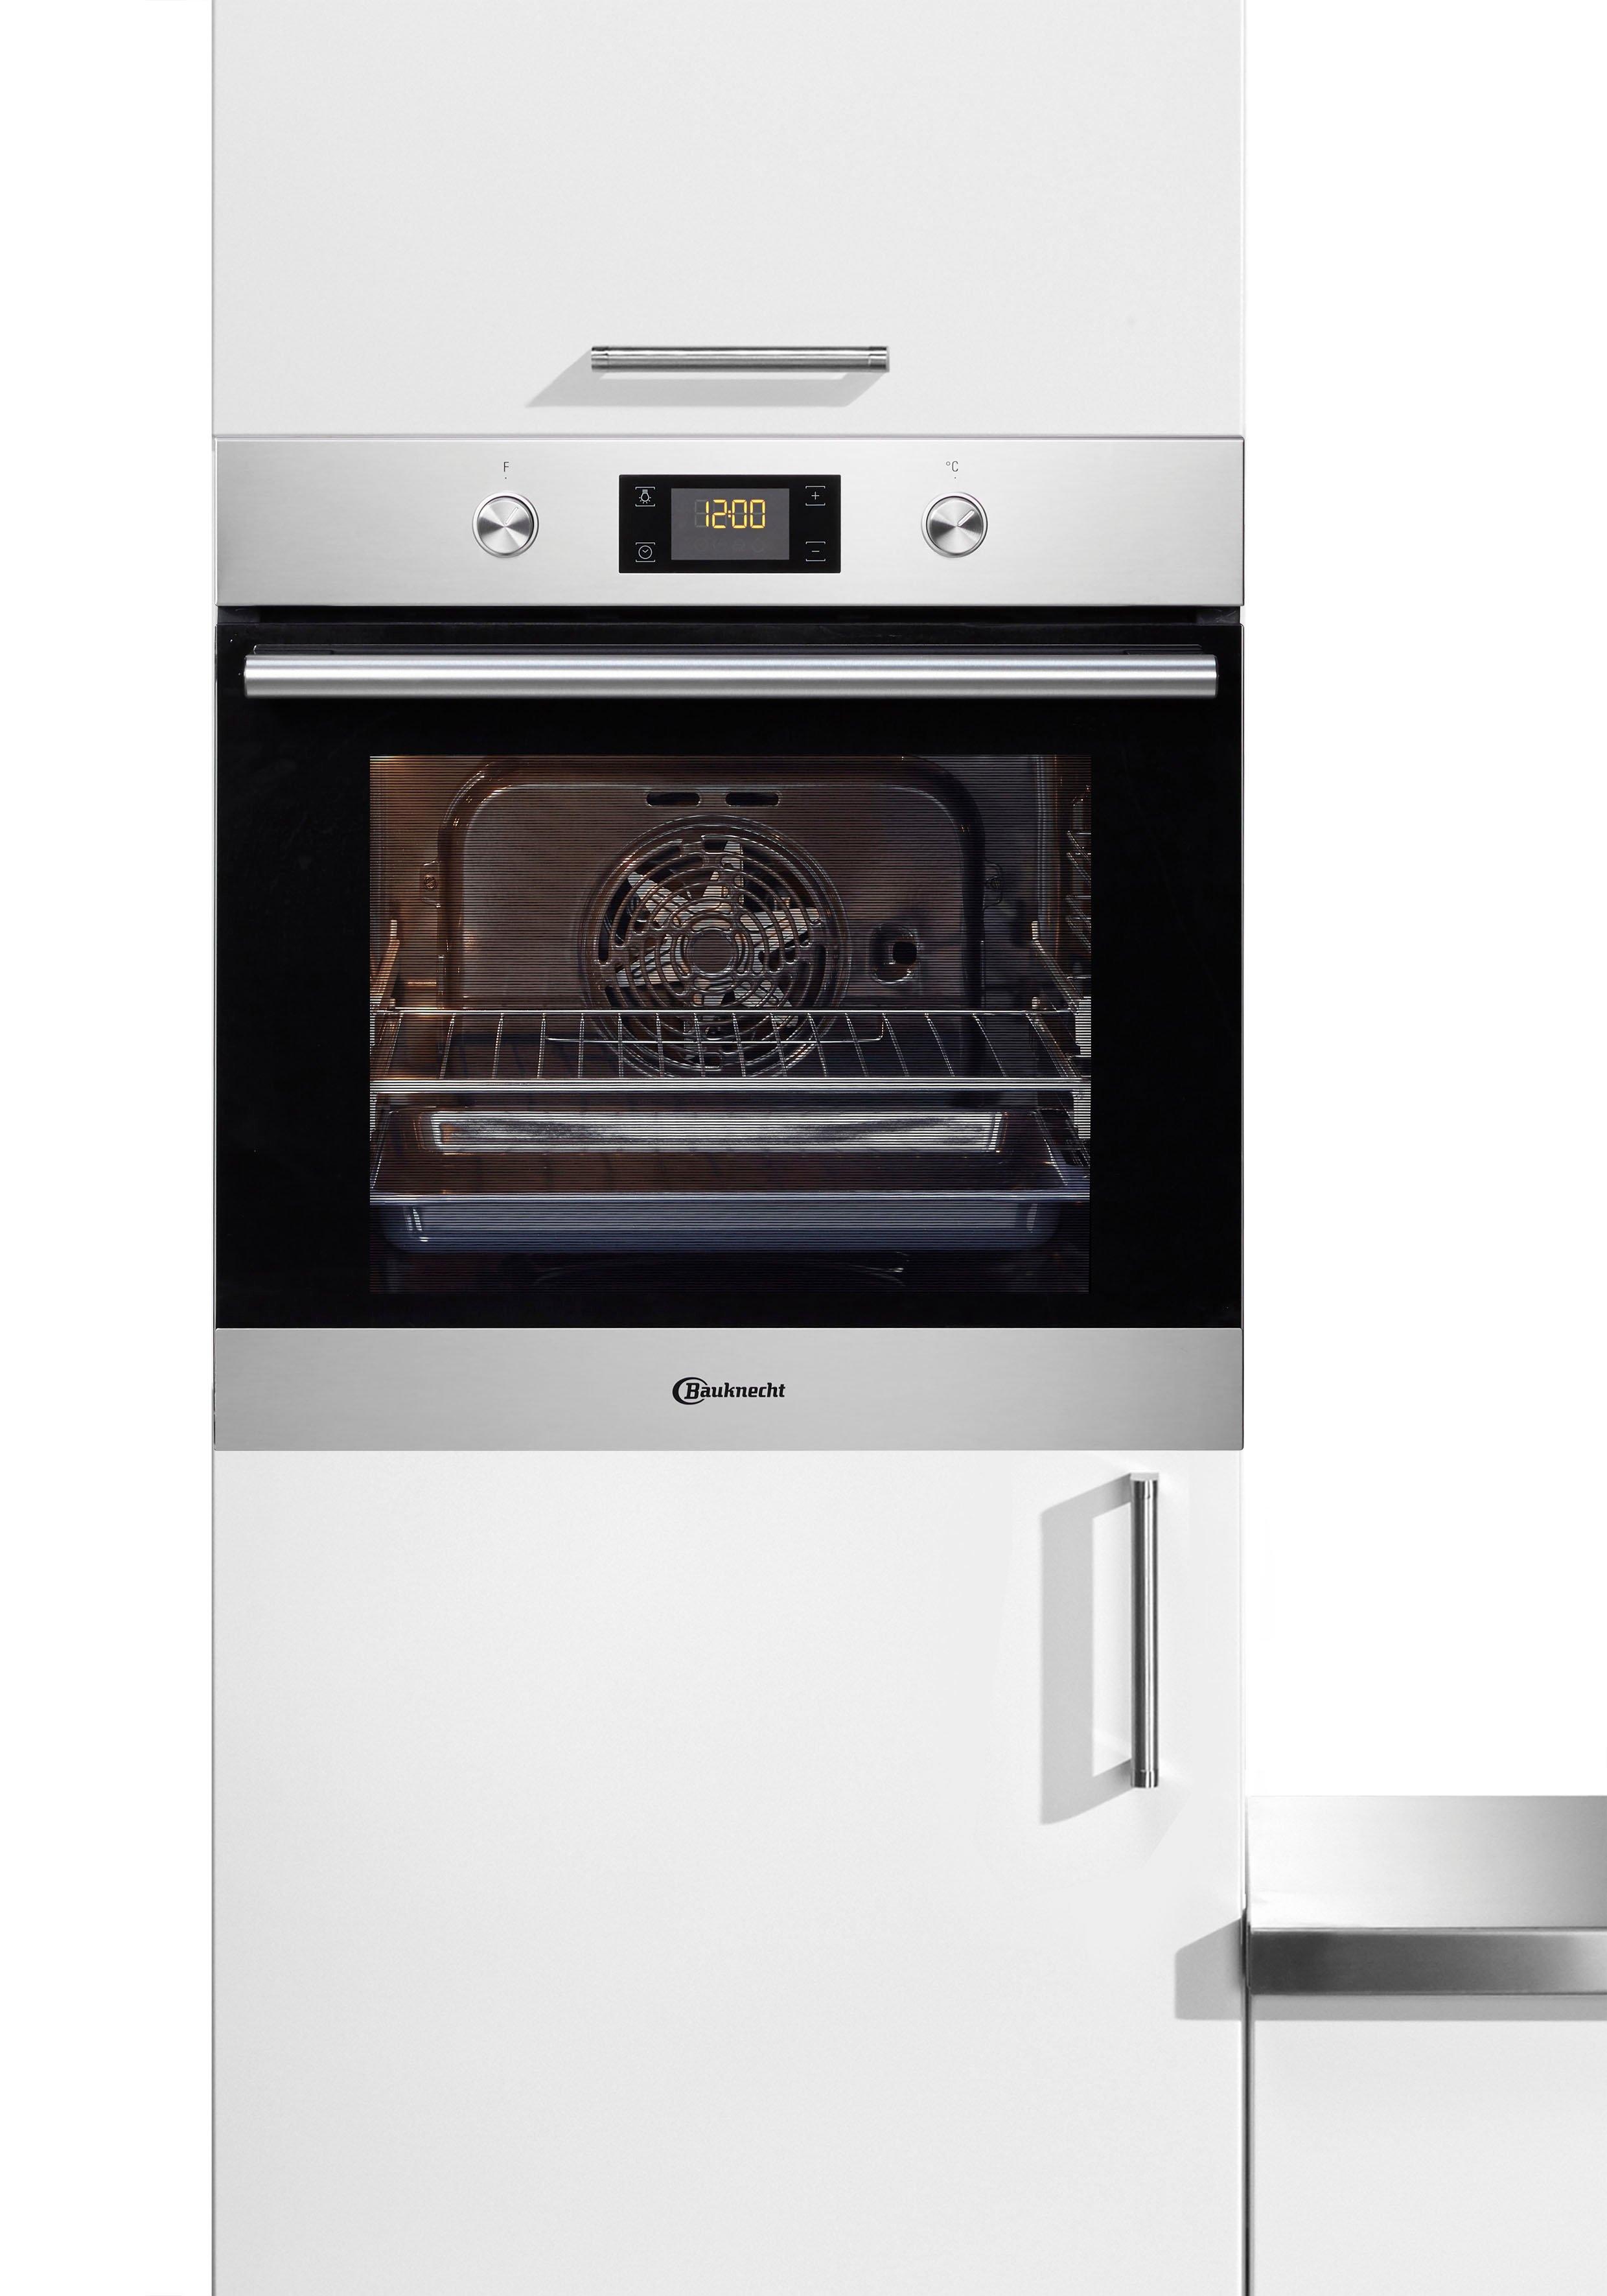 Op zoek naar een BAUKNECHT oven BAR2 KH8V2 IN? Koop online bij OTTO